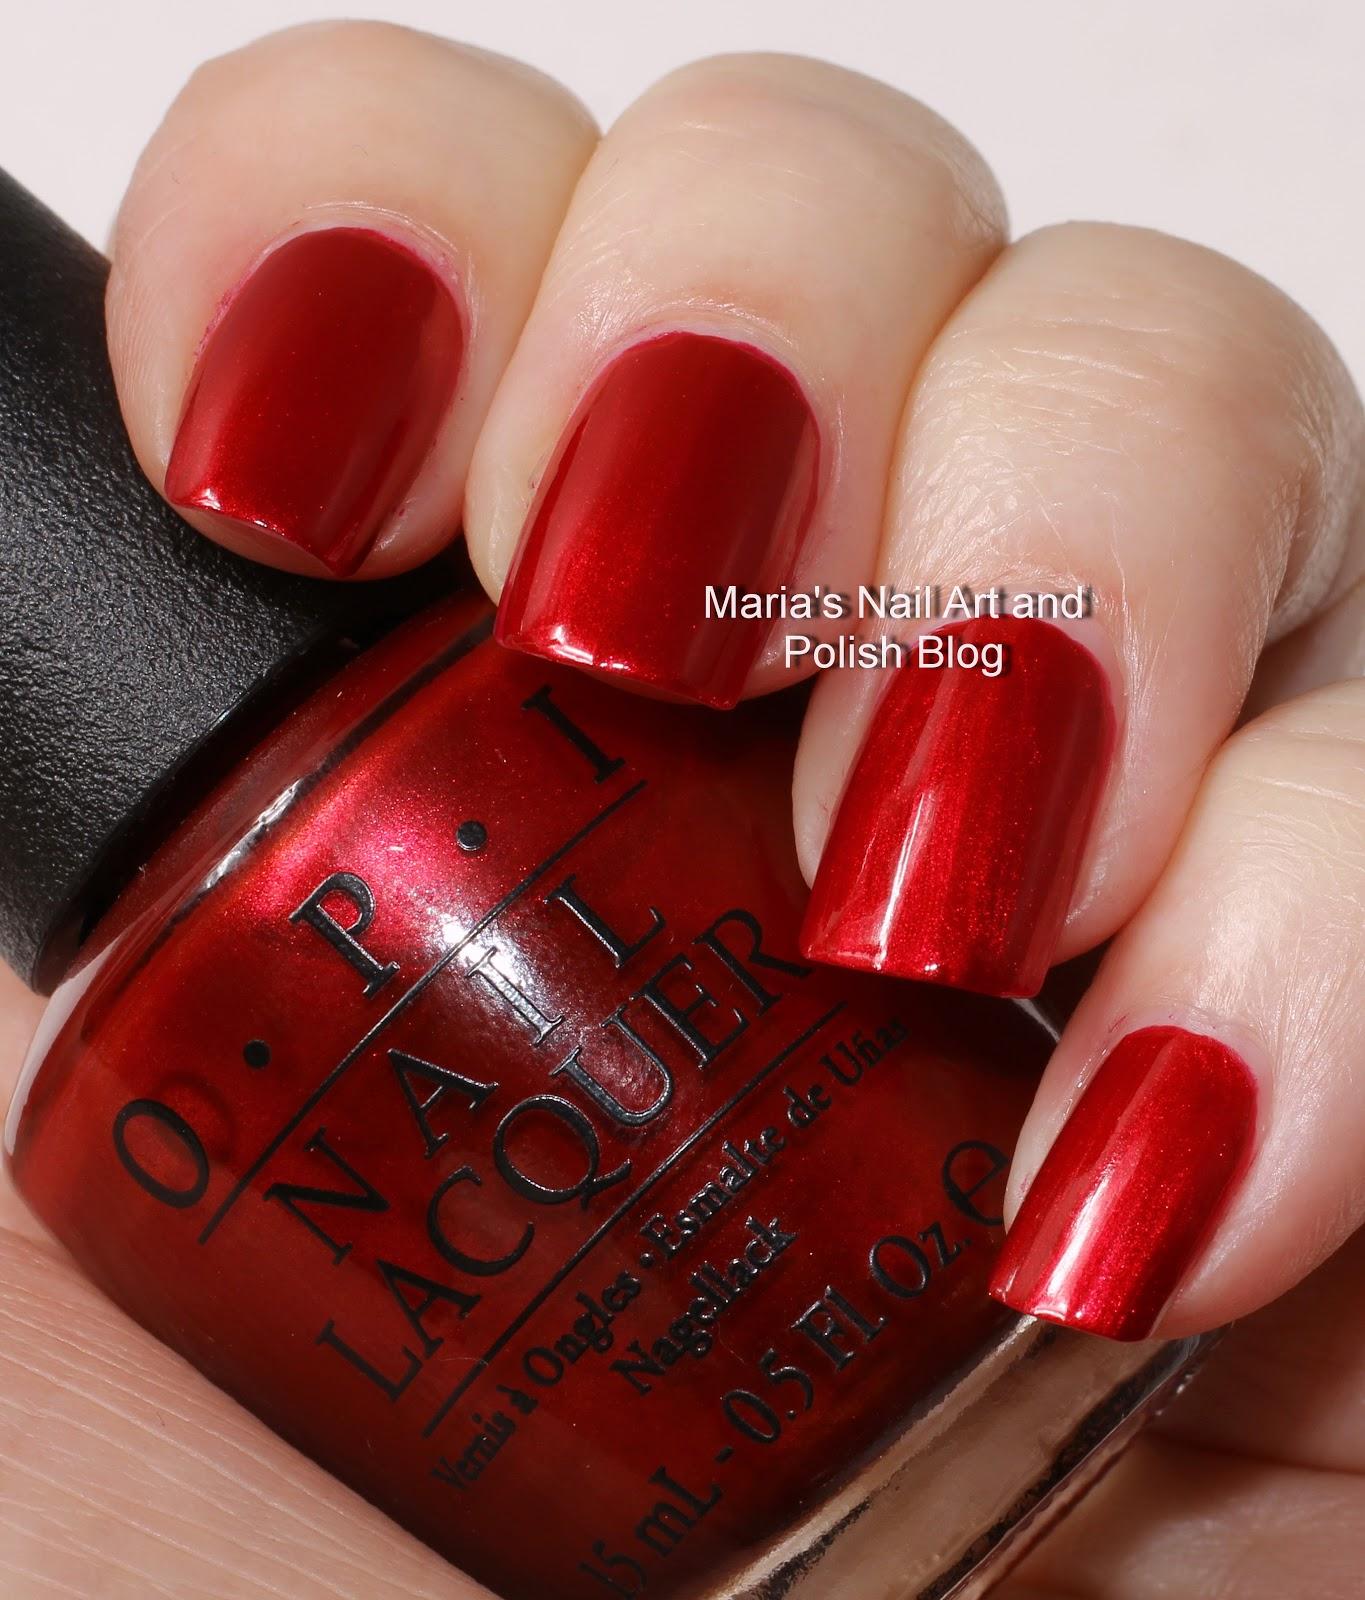 Marias Nail Art and Polish Blog: OPI Mariah Carey Holiday ...